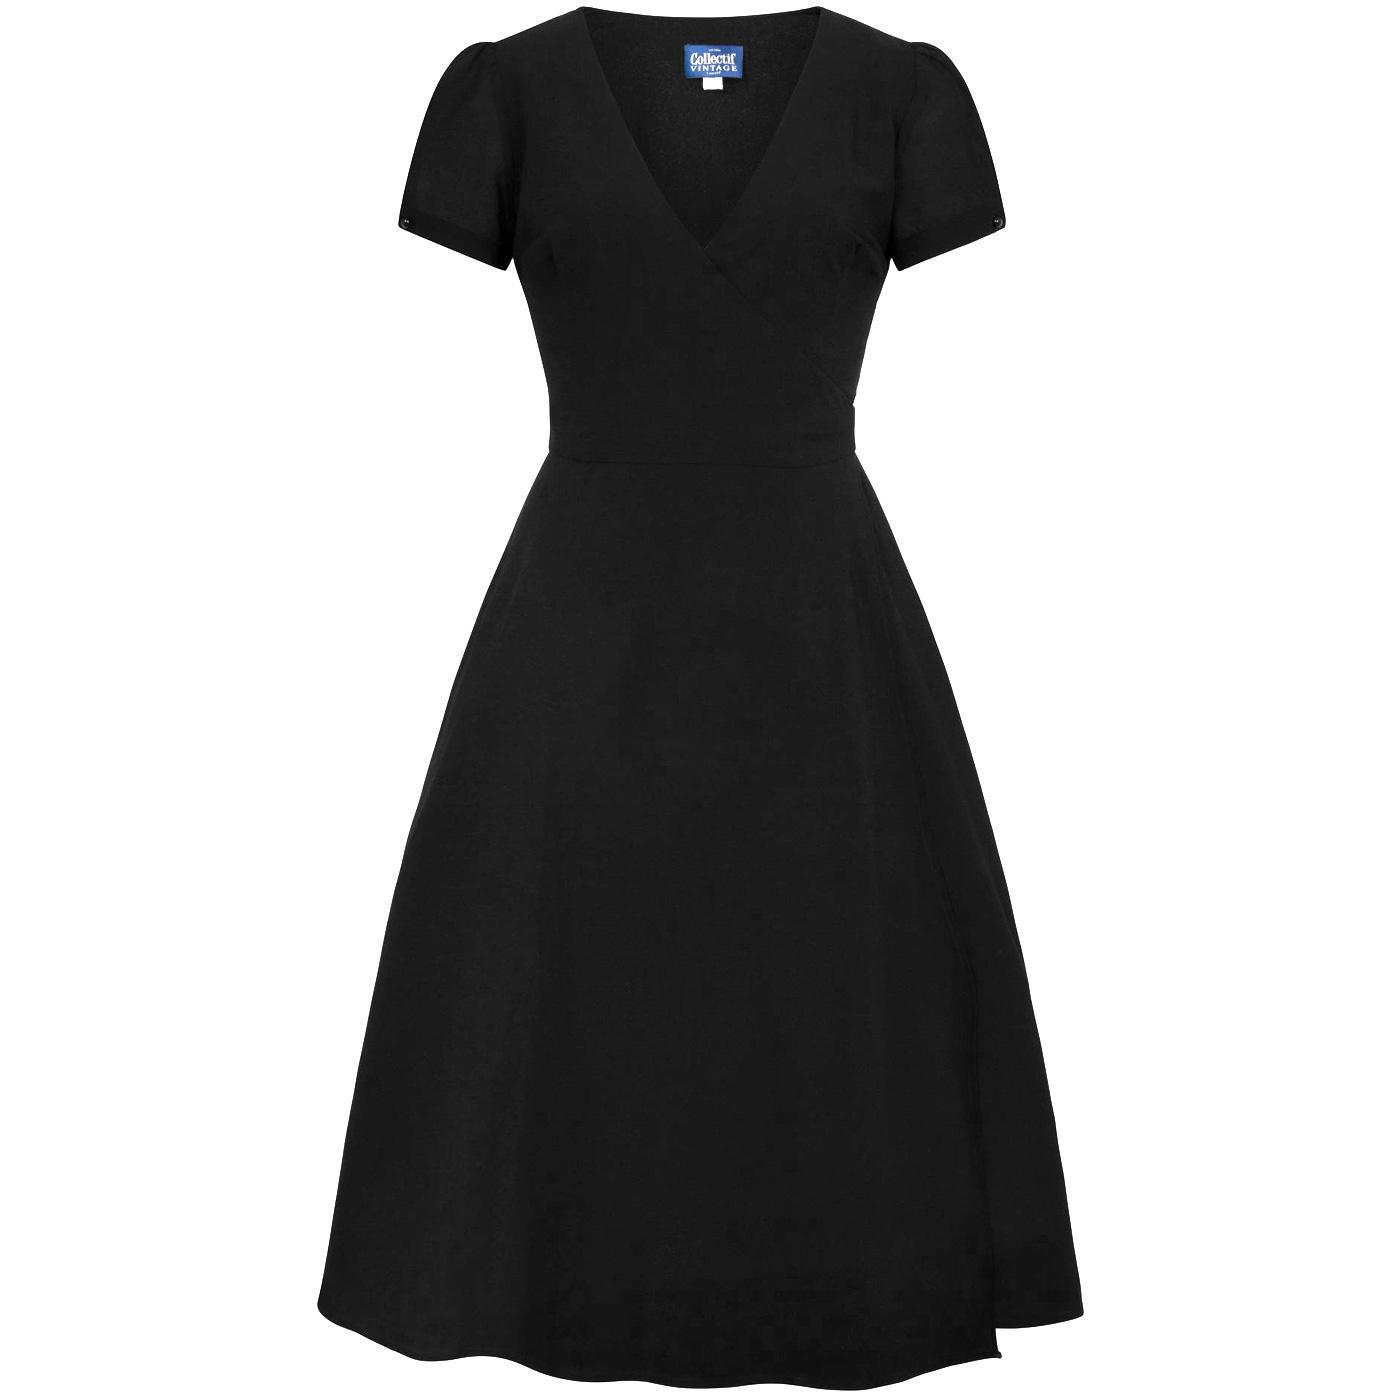 Wilhelmina COLLECTIF Retro 50s Plain Wrap Dress